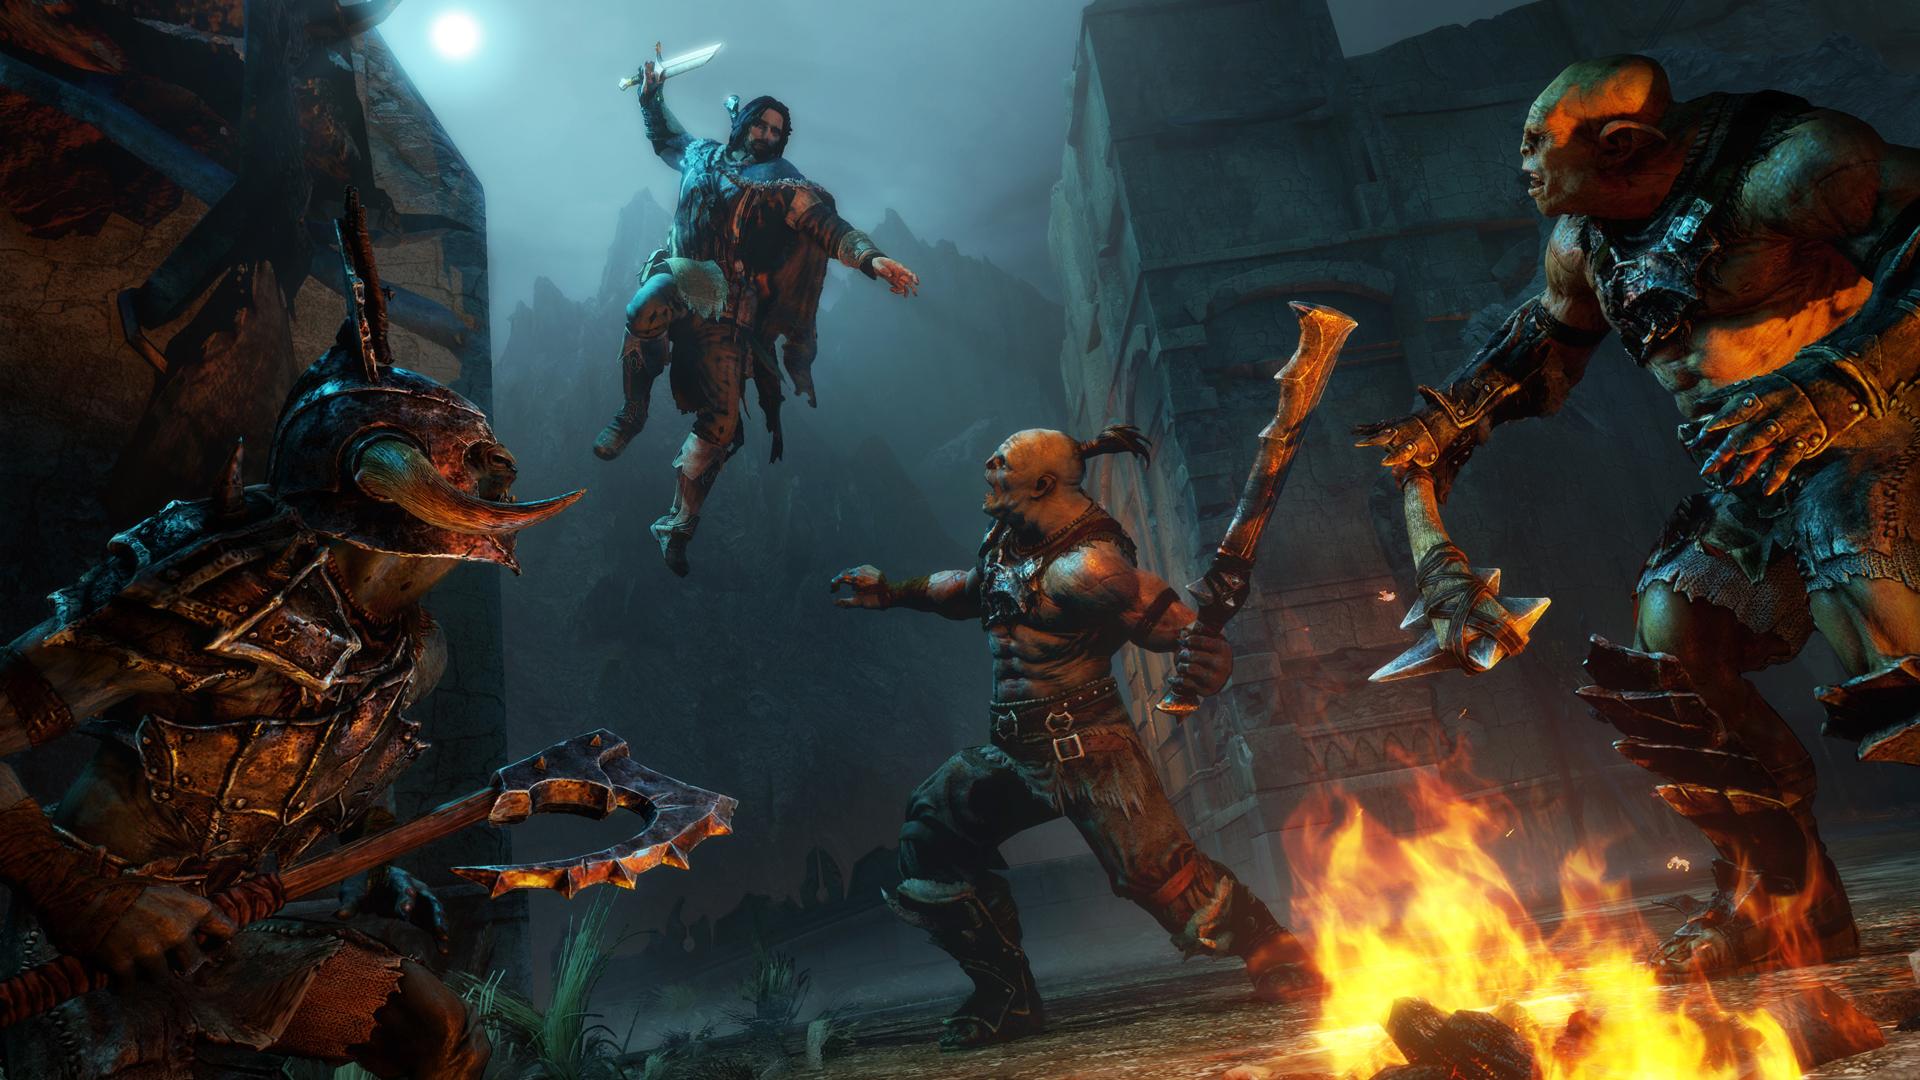 Programátor Assassin's Creed obviňuje Shadow of Mordor z kopírování 92551